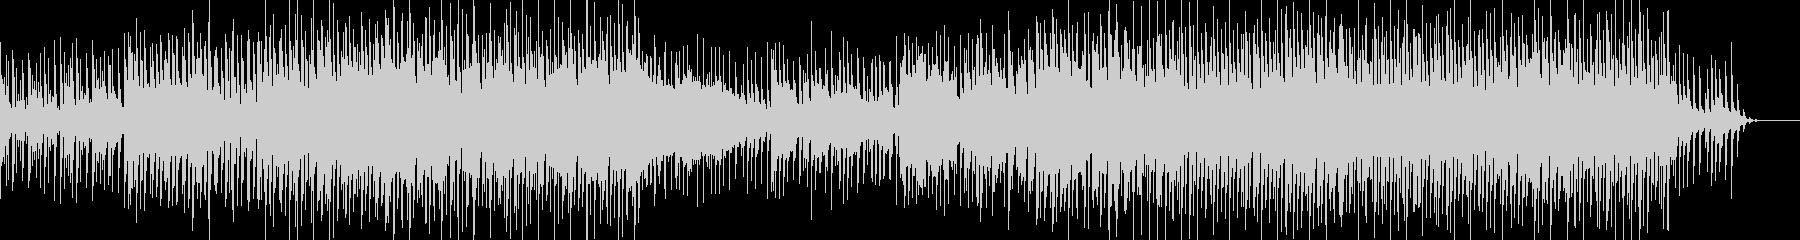 シーケンスフレーズが印象的なノリの良い曲の未再生の波形